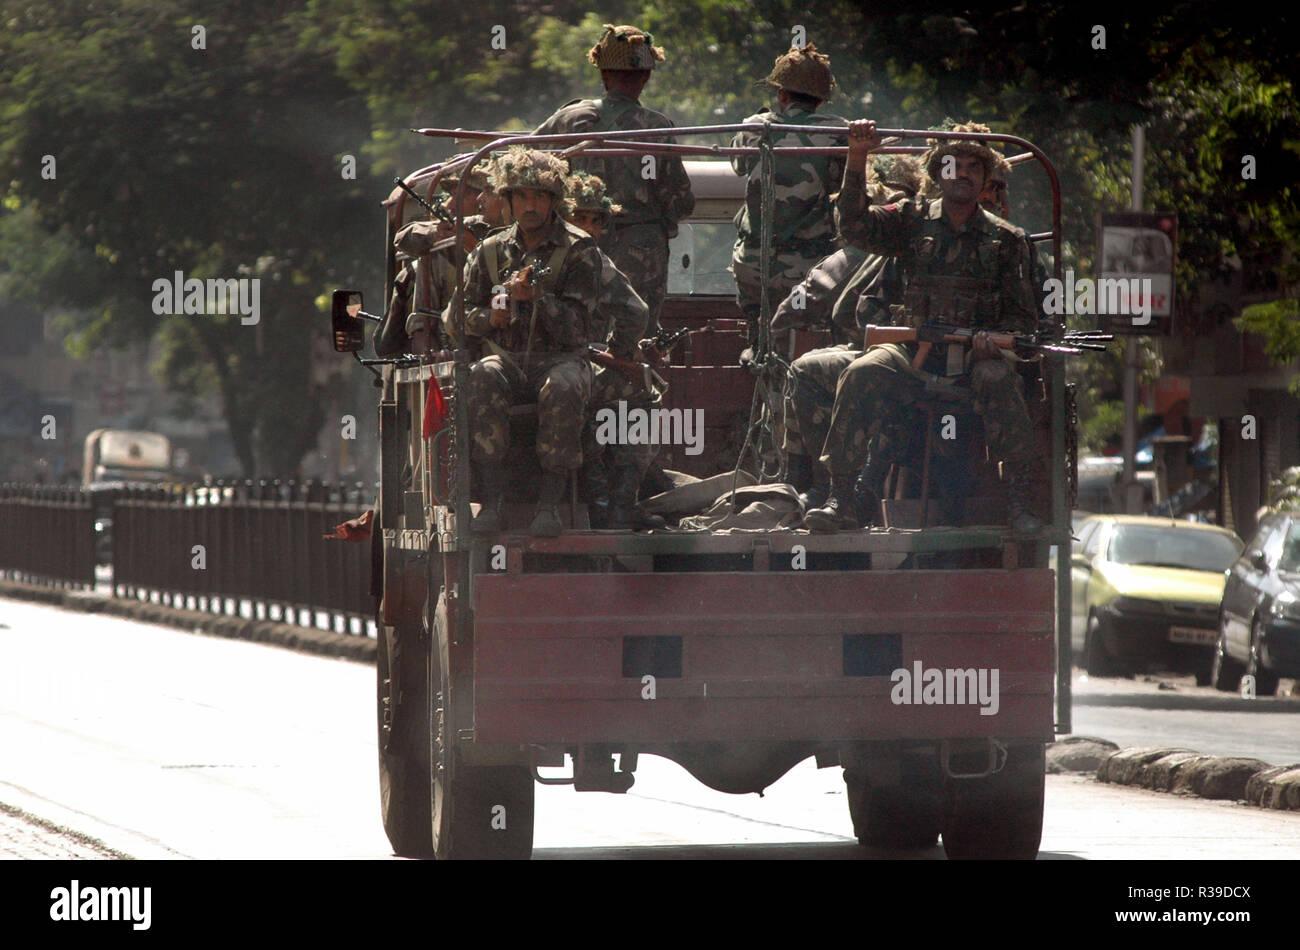 Indische Armee in Lkw kam zu Terroranschlägen durch Dekan Mujahideen Terroristen in Mumbai Indien am 27. November 2008 kämpfen. Terroristen tötete 100 Menschen und mehr als 200 in einer Reihe von koordinierten Attacken über Indien verletzt? s Finanzmetropole Mumbai als schwer bewaffnete bewaffnete Männer in Gruppen von zwei bis vier Feuer mit automatischen Waffen eröffnet und lobbed Granaten in 10 Orte im Süden von Mumbai, einschließlich das 5-Sterne Taj und Trident Hotels, die Stadt den Terminus, ein Krankenhaus, ein Café, ein Pub und ein Kino. Foto: Dinodia (c) dpa-Bericht | Verwendung weltweit Stockfoto